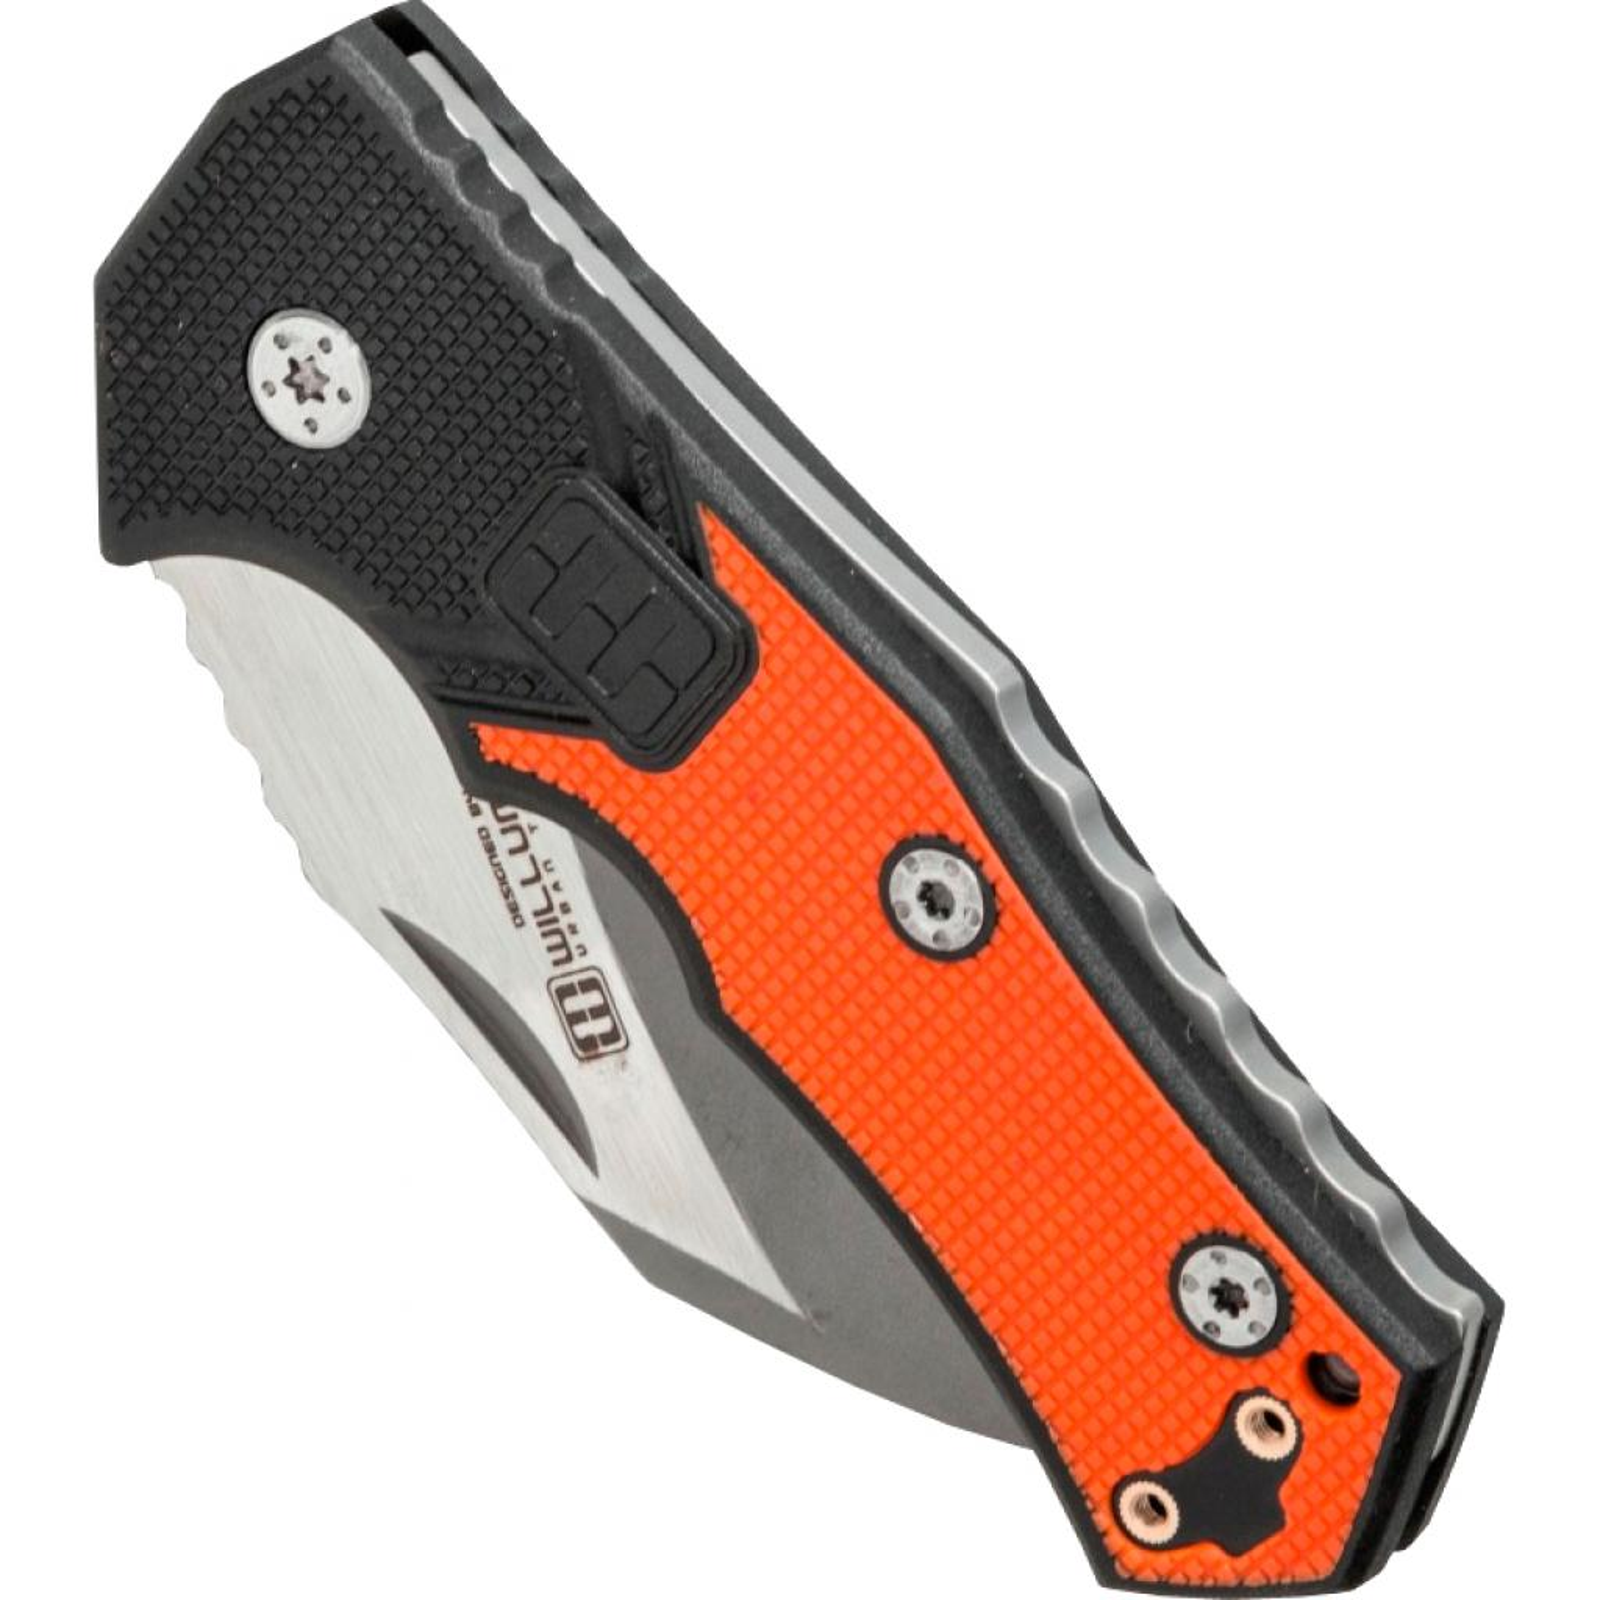 Нож Lansky Madrock World Legal (BXKN444) изображение 2